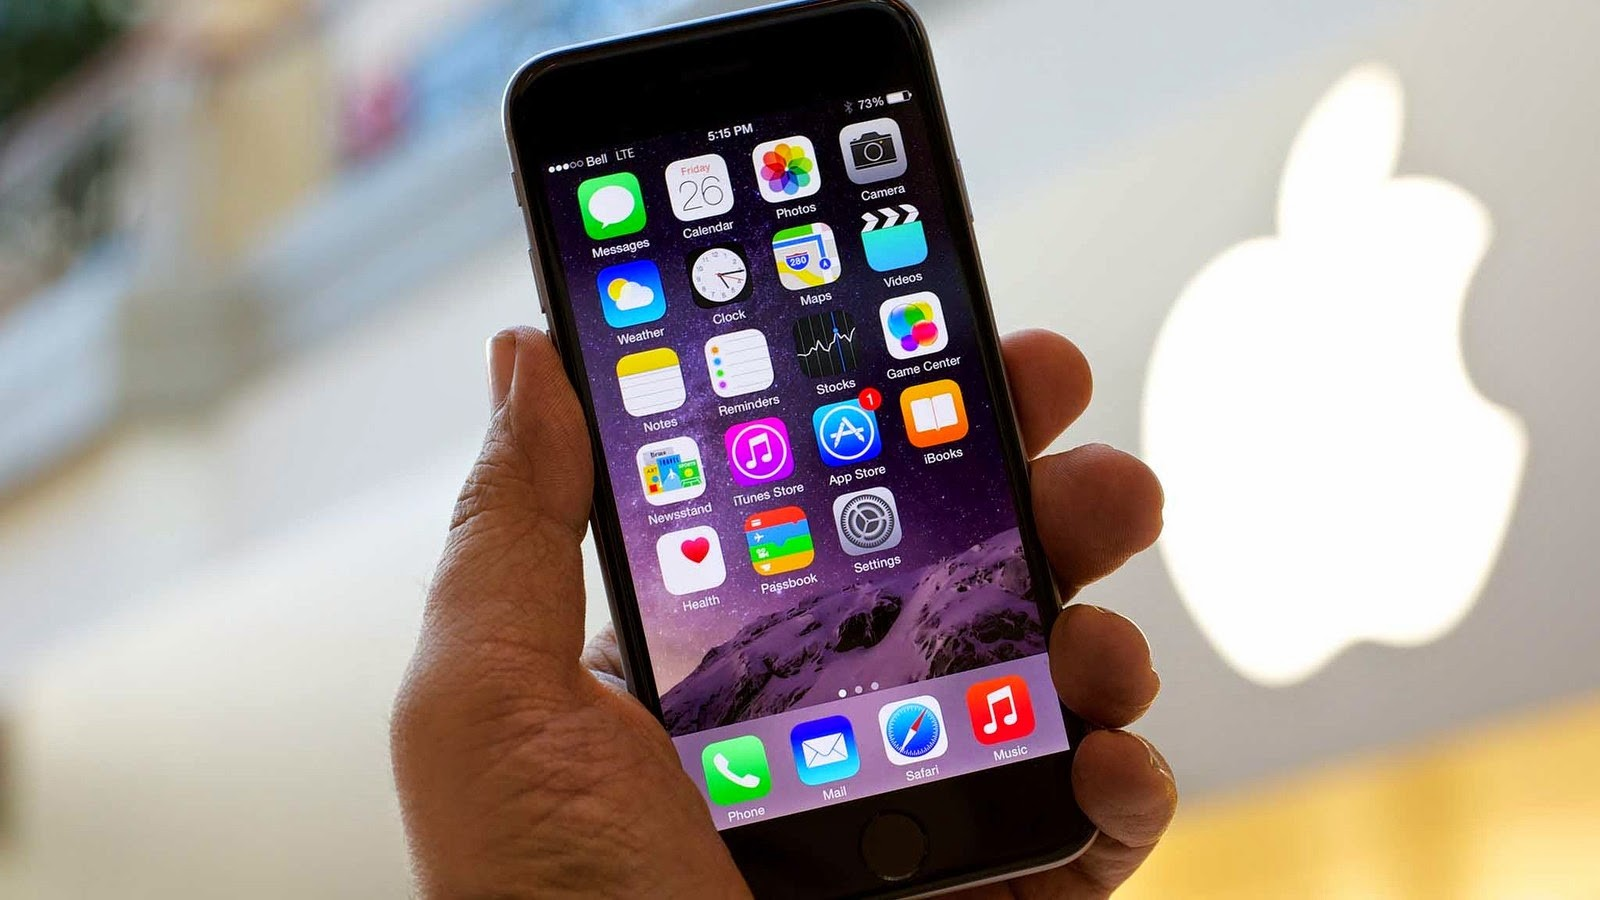 Пострадавшие из Сан Бернардино требуют от Apple разблокировать iPhone террориста